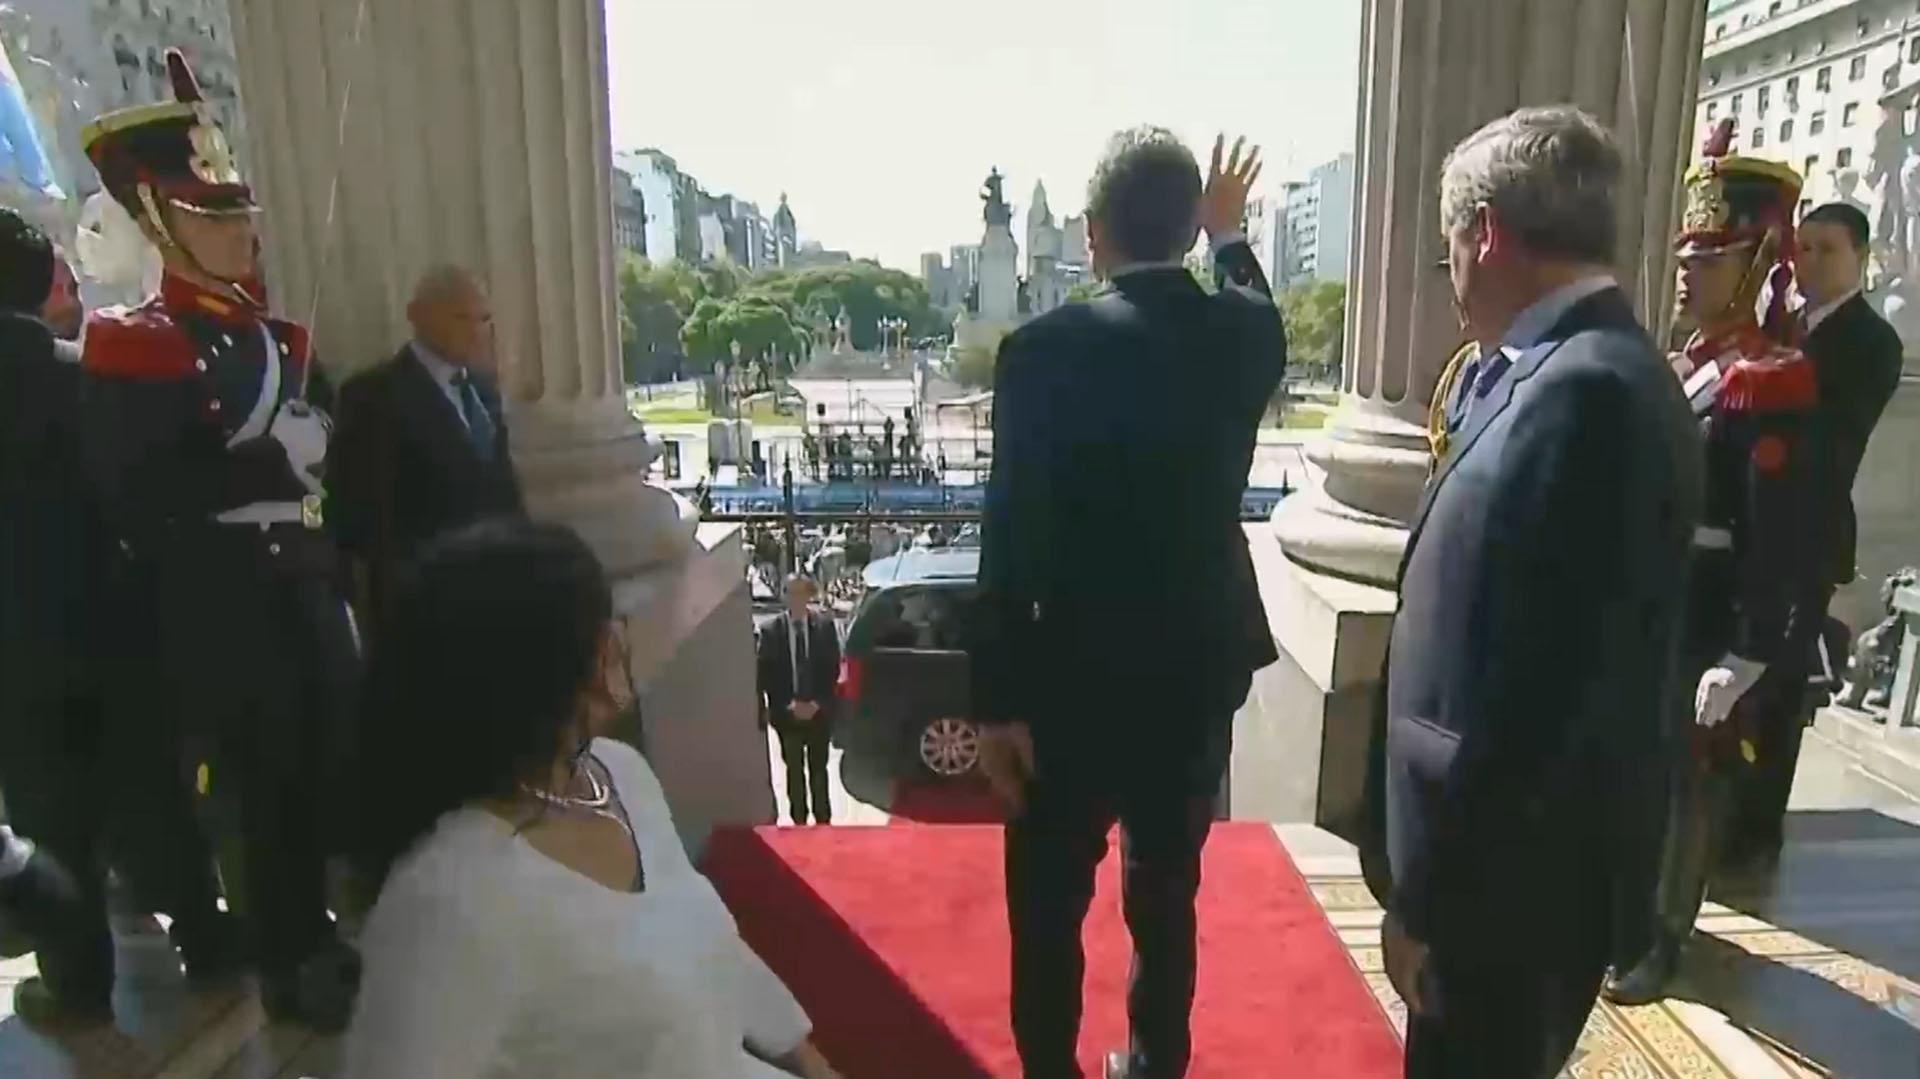 Mauricio Macri, acompañado por Gabriela Michetti y Emilio Monzó, saludaba al ingresar al Congreso para inaugurar la Asamblea Legislativa 2018 (Foto: Captura TV)